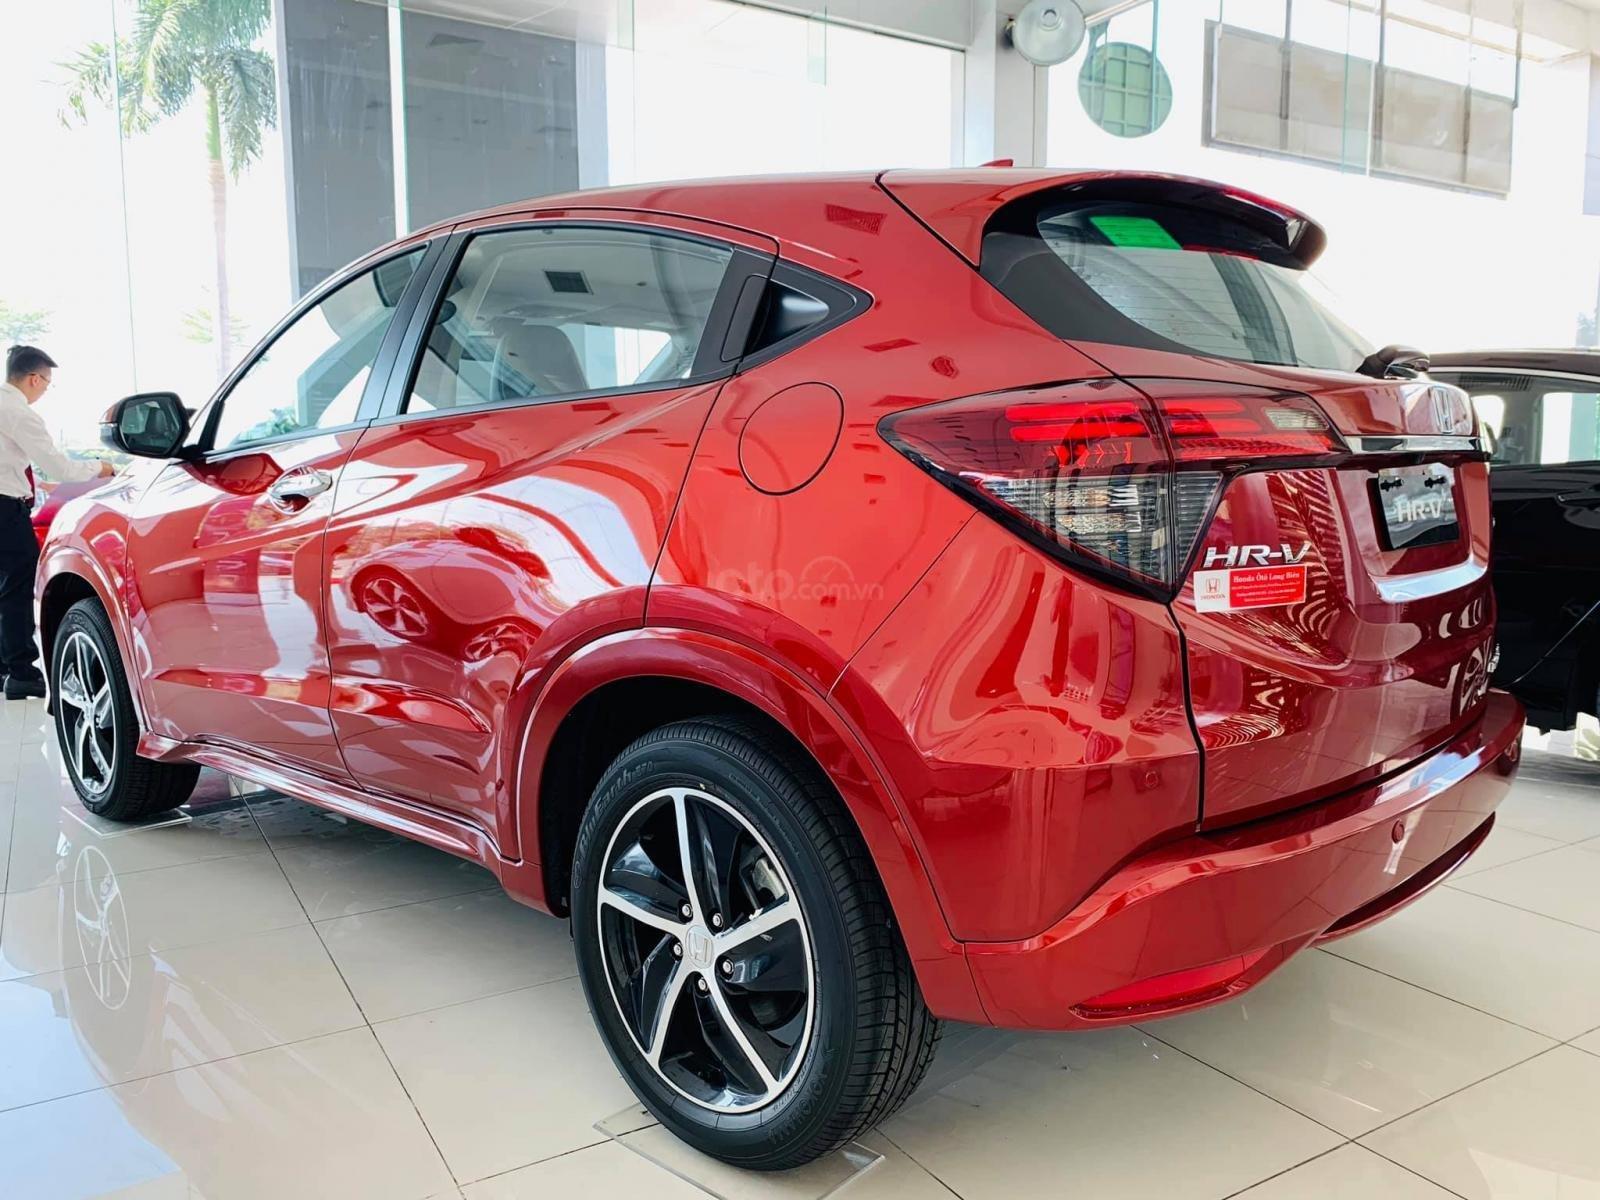 Honda ô tô Long Biên Honda HRV 2019 giá tốt nhất miền Bắc, tặng tiền mặt+ phụ kiện+ BHTV liên hệ: 036.498.6666- Mr. Minh (2)